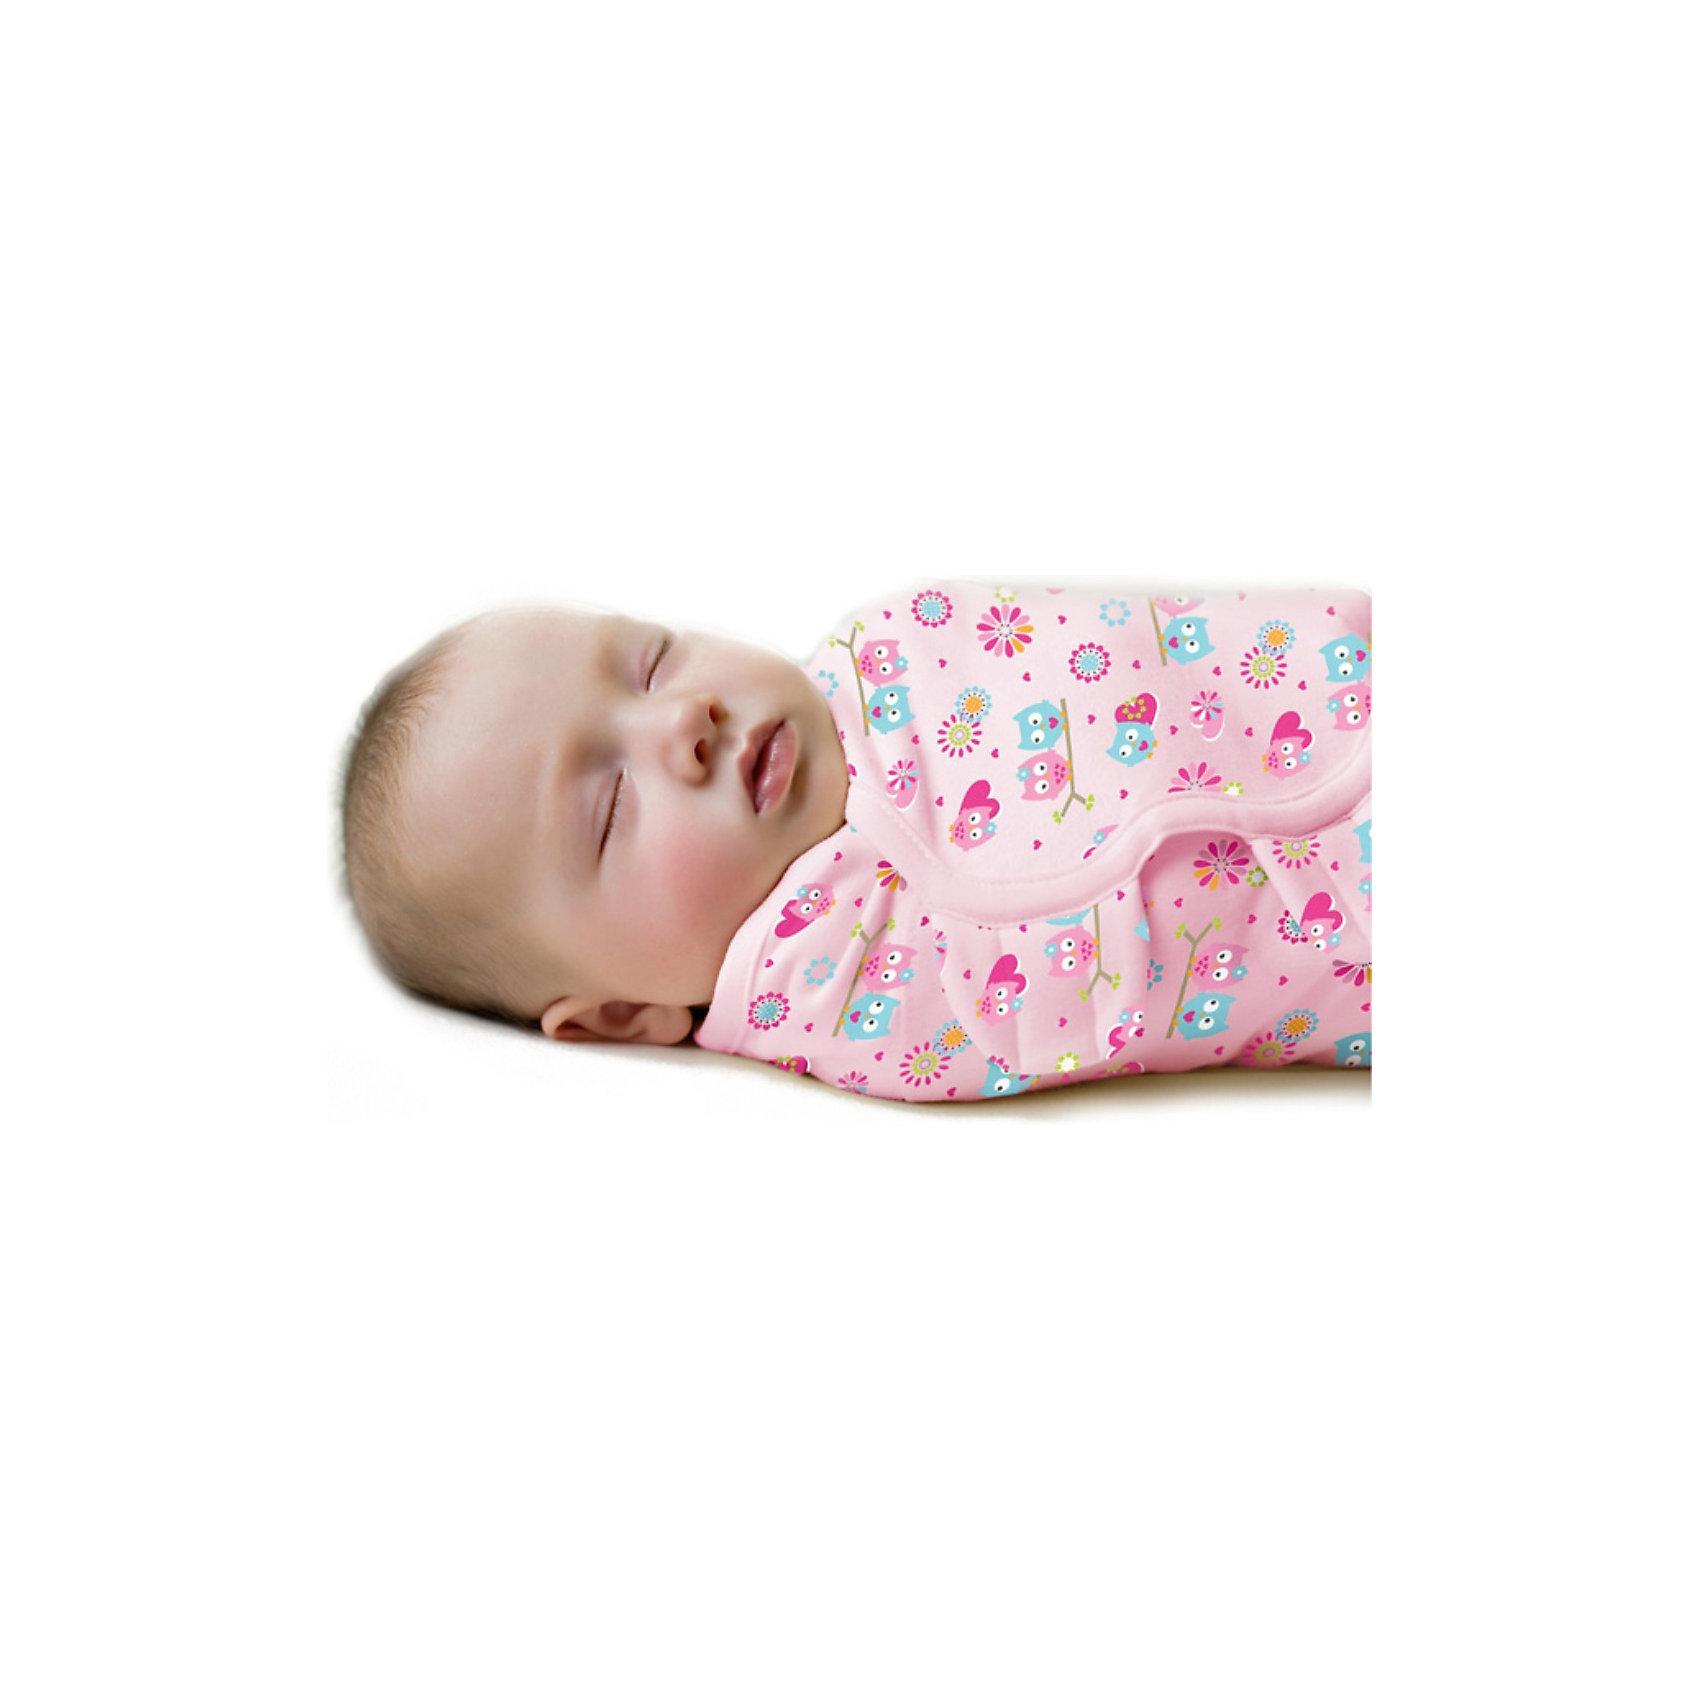 Конверт для пеленания на липучке SWADDLEME, р-р S/M, 3-6 кг., розовый влюбленные совыОкутайте малыша нежностью, которую дает конверт SwaddleMe. Он сделан из хлопка с оригинальной регулируемой системой крепления на липучке. Пеленание успокаивает новорожденных, путем воссоздания знакомых ему чувств, как в утробе мамы.<br>Мягко облегая, конверт не ограничивает движение ребенка, и в тоже время помогает снизить рефлекс внезапного вздрагивания, благодаря этому сон малыша и родителей будет более крепким.<br>Регулируемые крылья для закрытия конверта сделаны таким образом, что даже самый активный ребенок не сможет распеленаться во время сна. Конверт можно открыть в области ног малыша для легкой смены подгузников - нет необходимости разворачивать детские ручки.<br><br>Дополнительная информация:<br><br>- Размер: 50 см (размер S/M).<br>- Материал: хлопок и нити эластана.<br>- Подходит для малышей среднего размера от 3 до 6 кг.<br>- Цвет: розовый, принт (совы).<br><br>Конверт для пеленания на липучке SWADDLEME, р-р S/M, 3-6 кг., розовый влюбленные совы можно купить в нашем магазине.<br><br>Ширина мм: 30<br>Глубина мм: 150<br>Высота мм: 235<br>Вес г: 1600<br>Возраст от месяцев: 0<br>Возраст до месяцев: 3<br>Пол: Женский<br>Возраст: Детский<br>SKU: 3950374